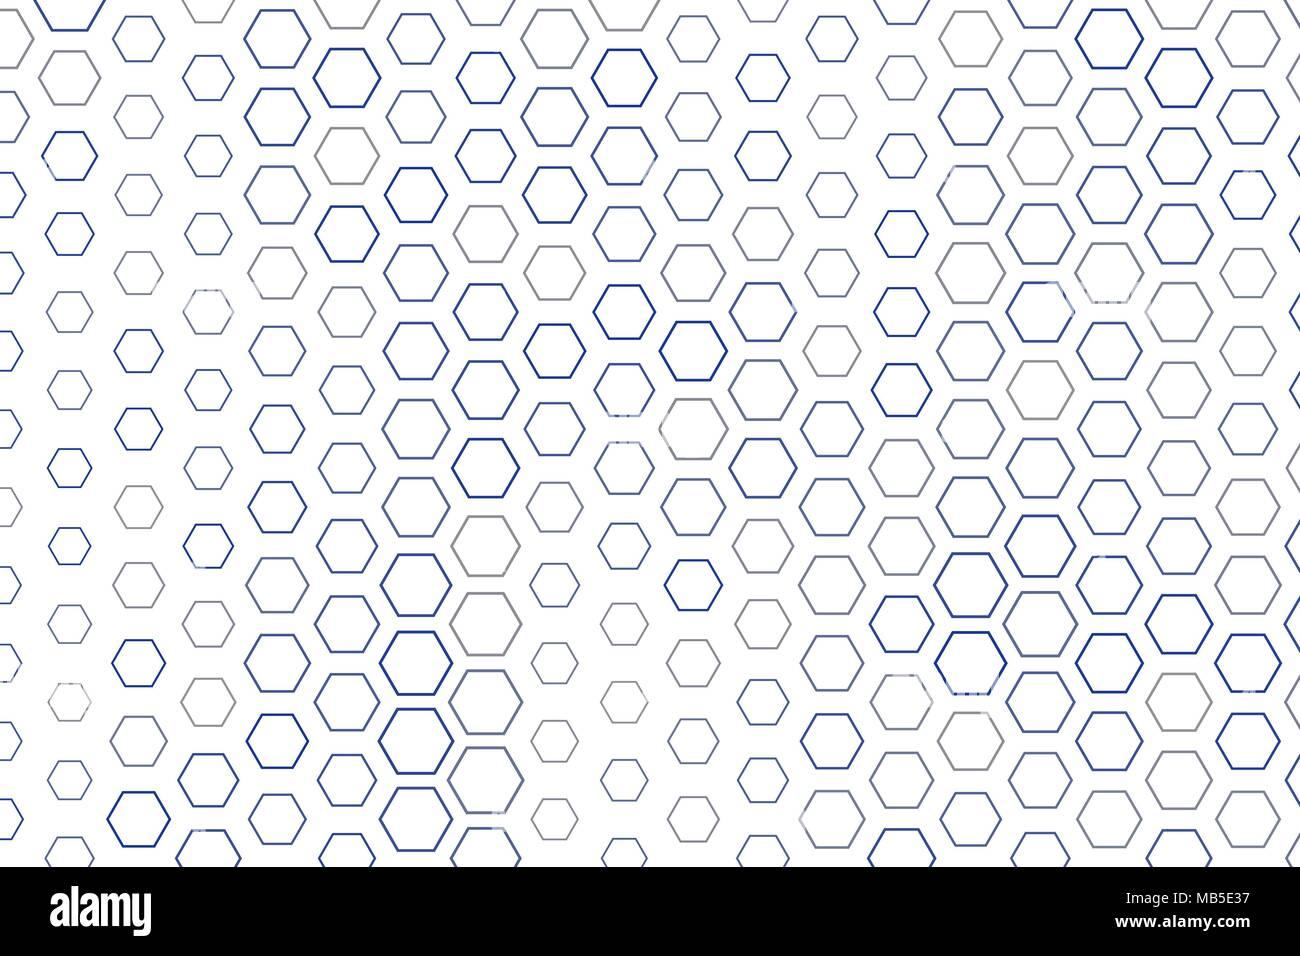 Atemberaubend Algebra Fliesen Vorlage Bilder - Beispiel Business ...